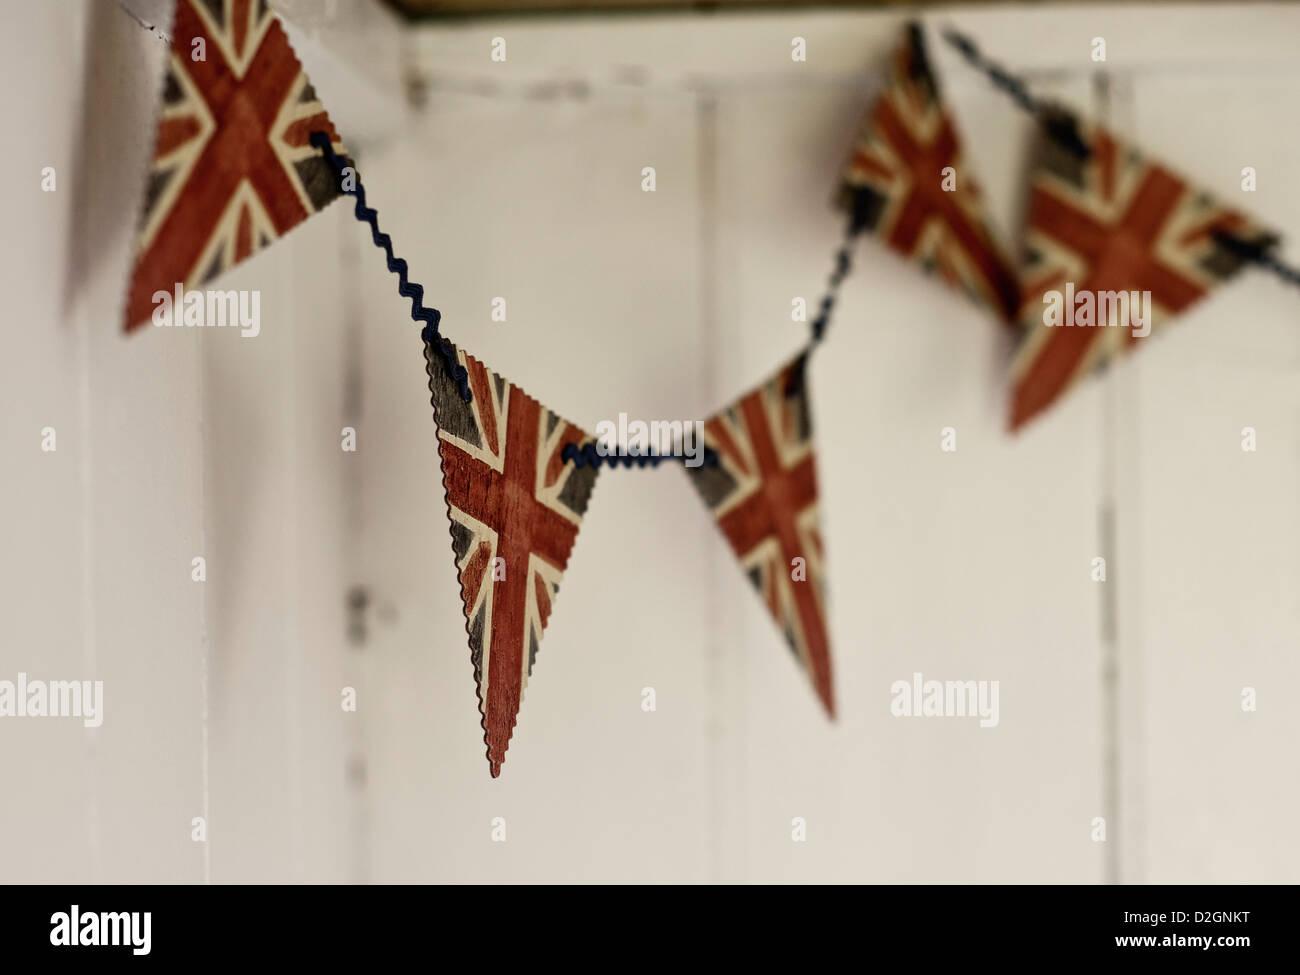 union Jack flag bunting - Stock Image